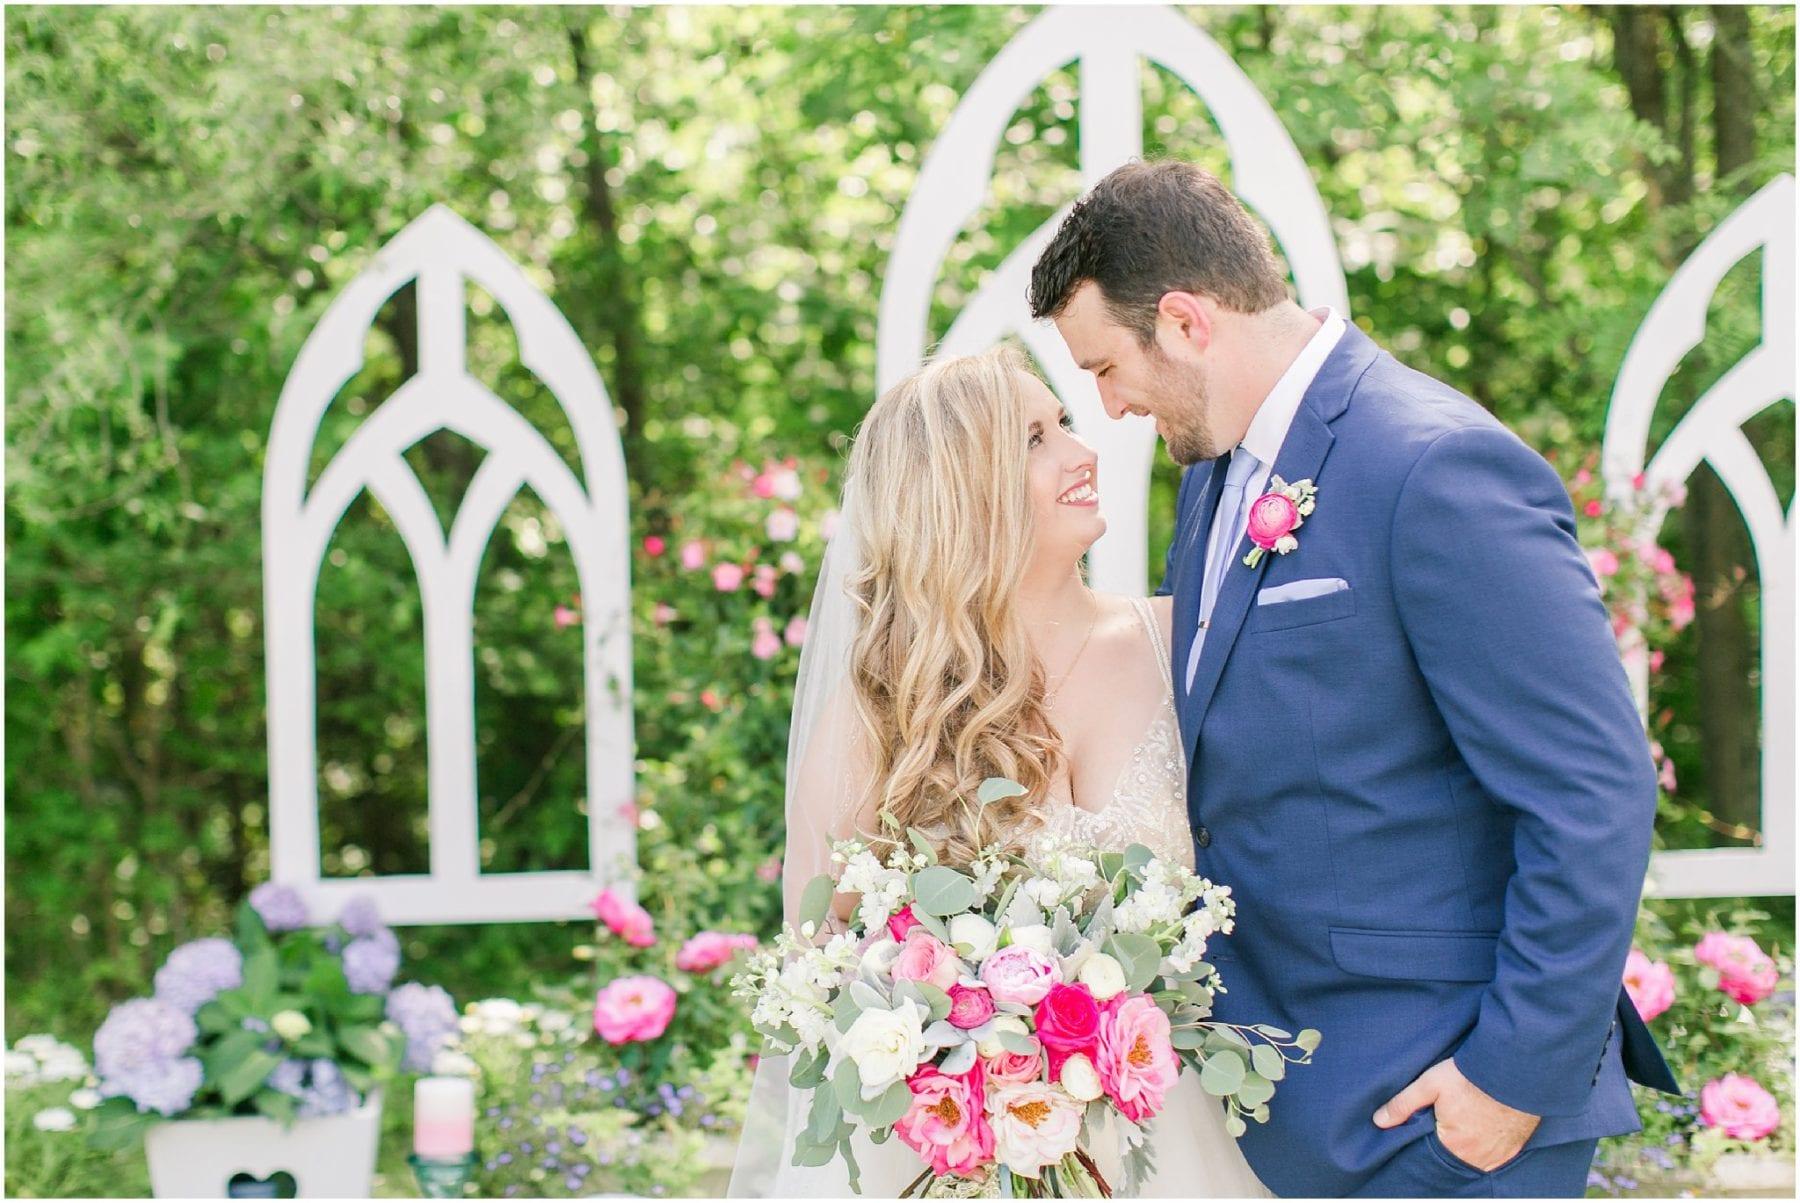 Maryland Backyard Wedding Photos Kelly & Zach Megan Kelsey Photography-106.jpg